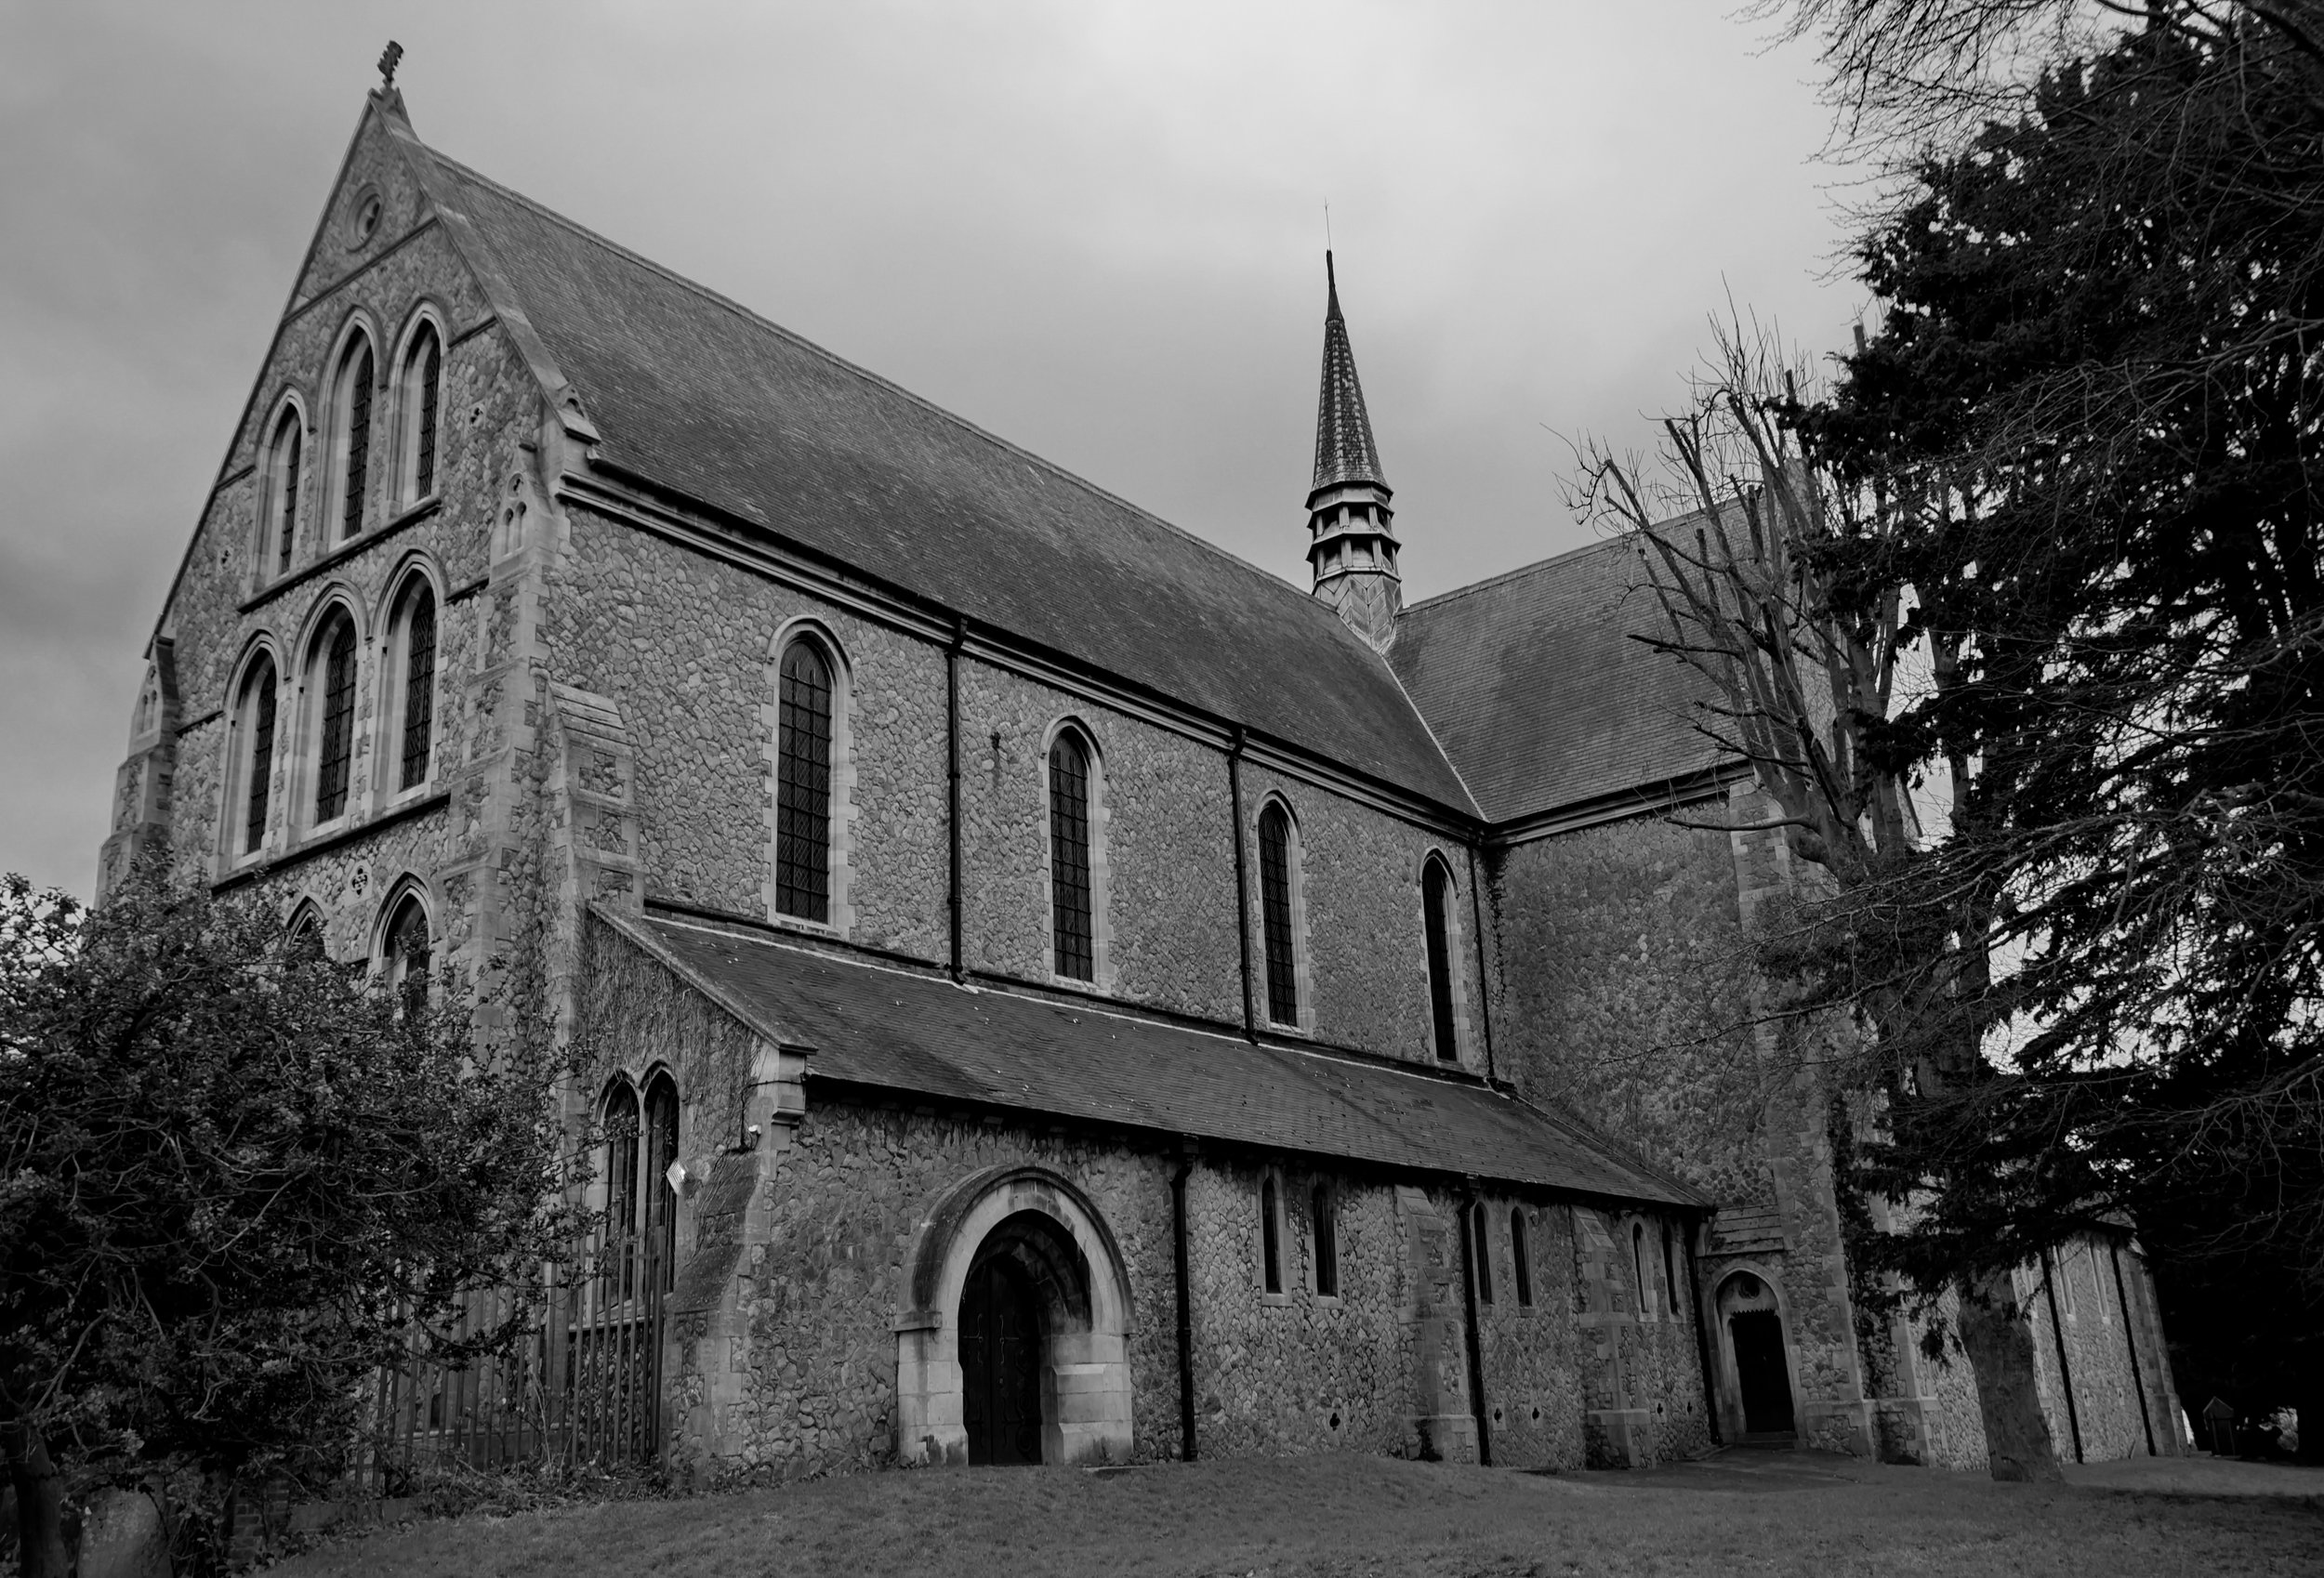 st-peter--st-pauls-church-dover_44645905781_o.jpg